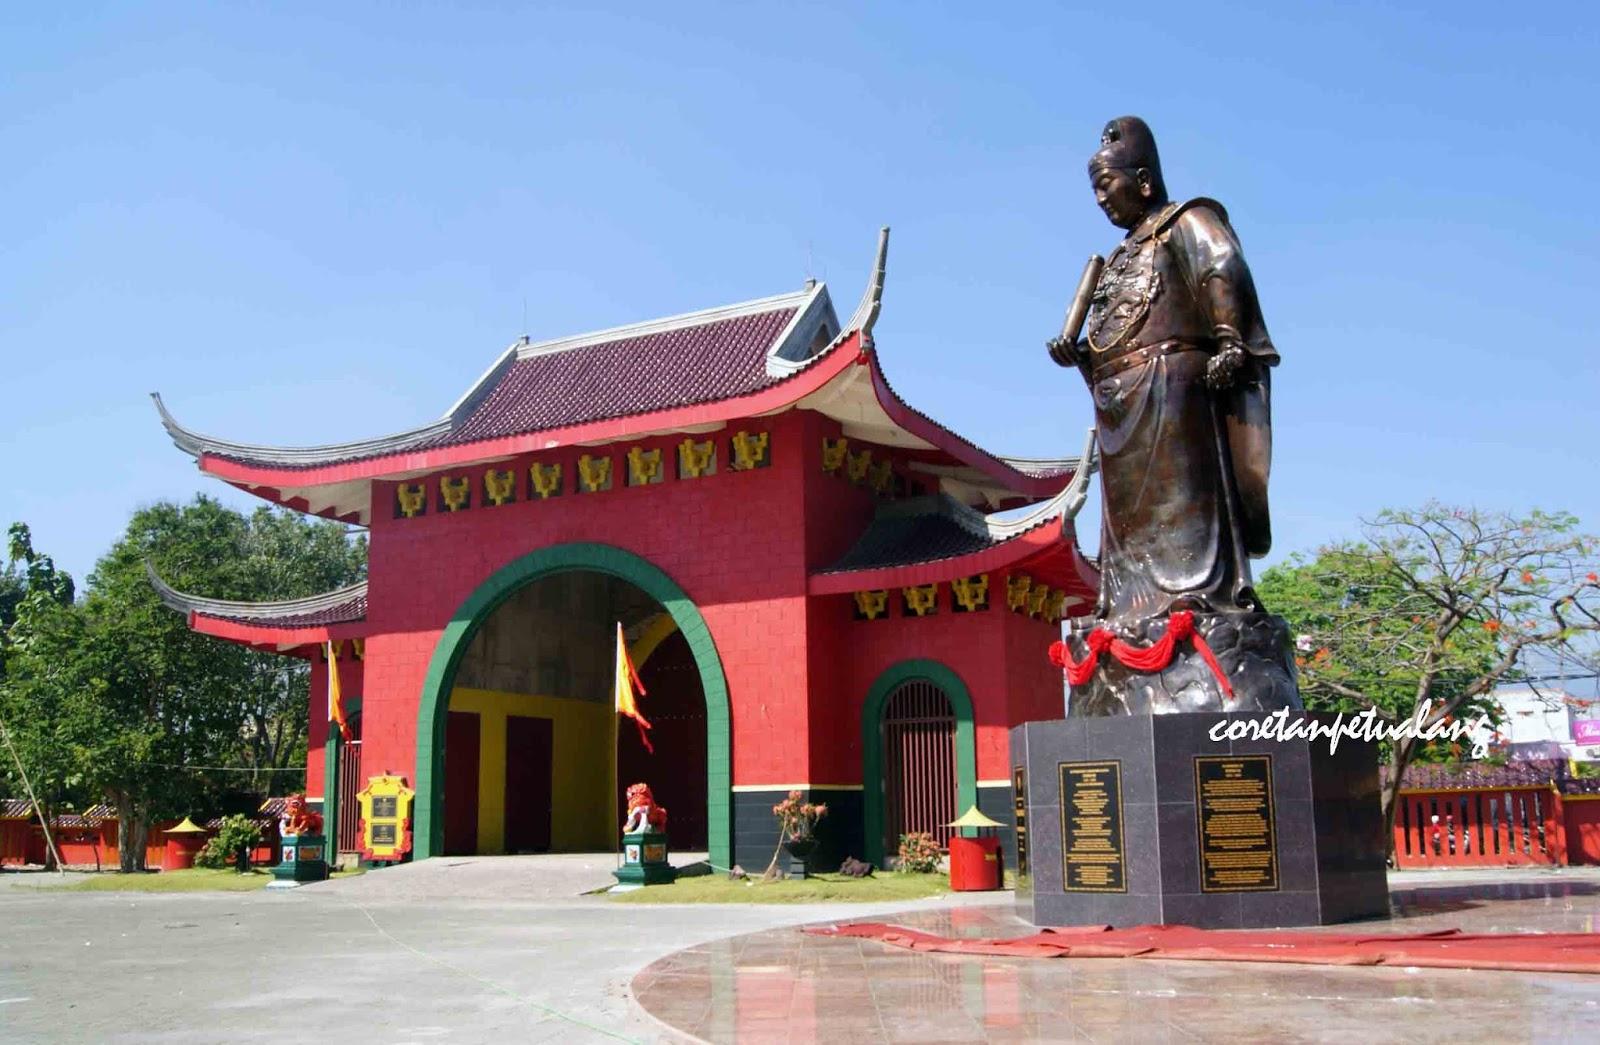 Kumpulan Tempat Wisata Semarang 16 Gereja Dibangun 1753 Salah Satu